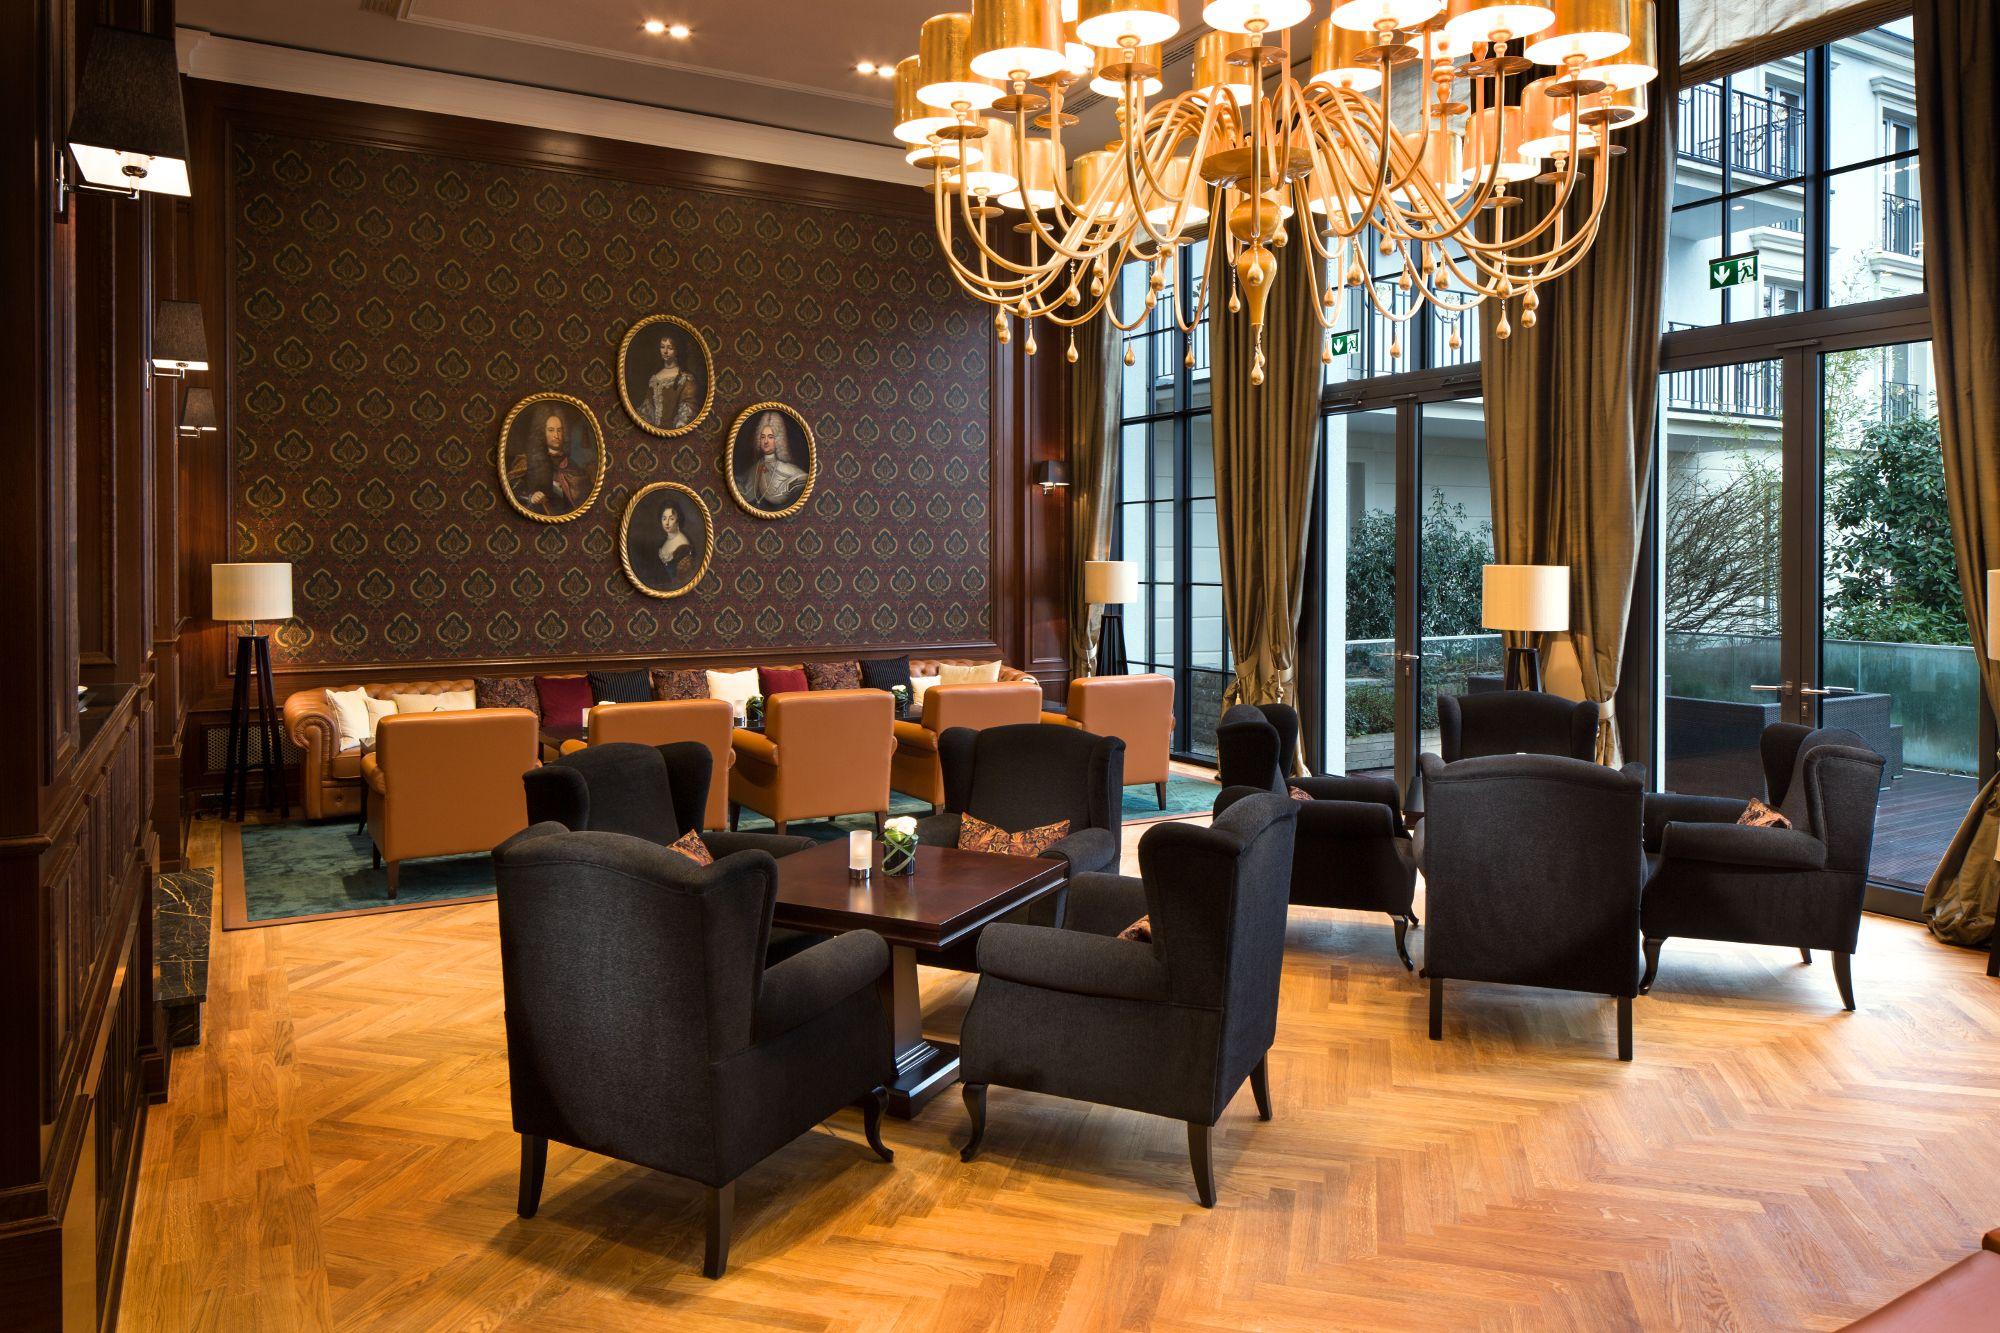 Kempinski Hotel Frankfurt: Der Wintergarten lädt dazu ein, in ...